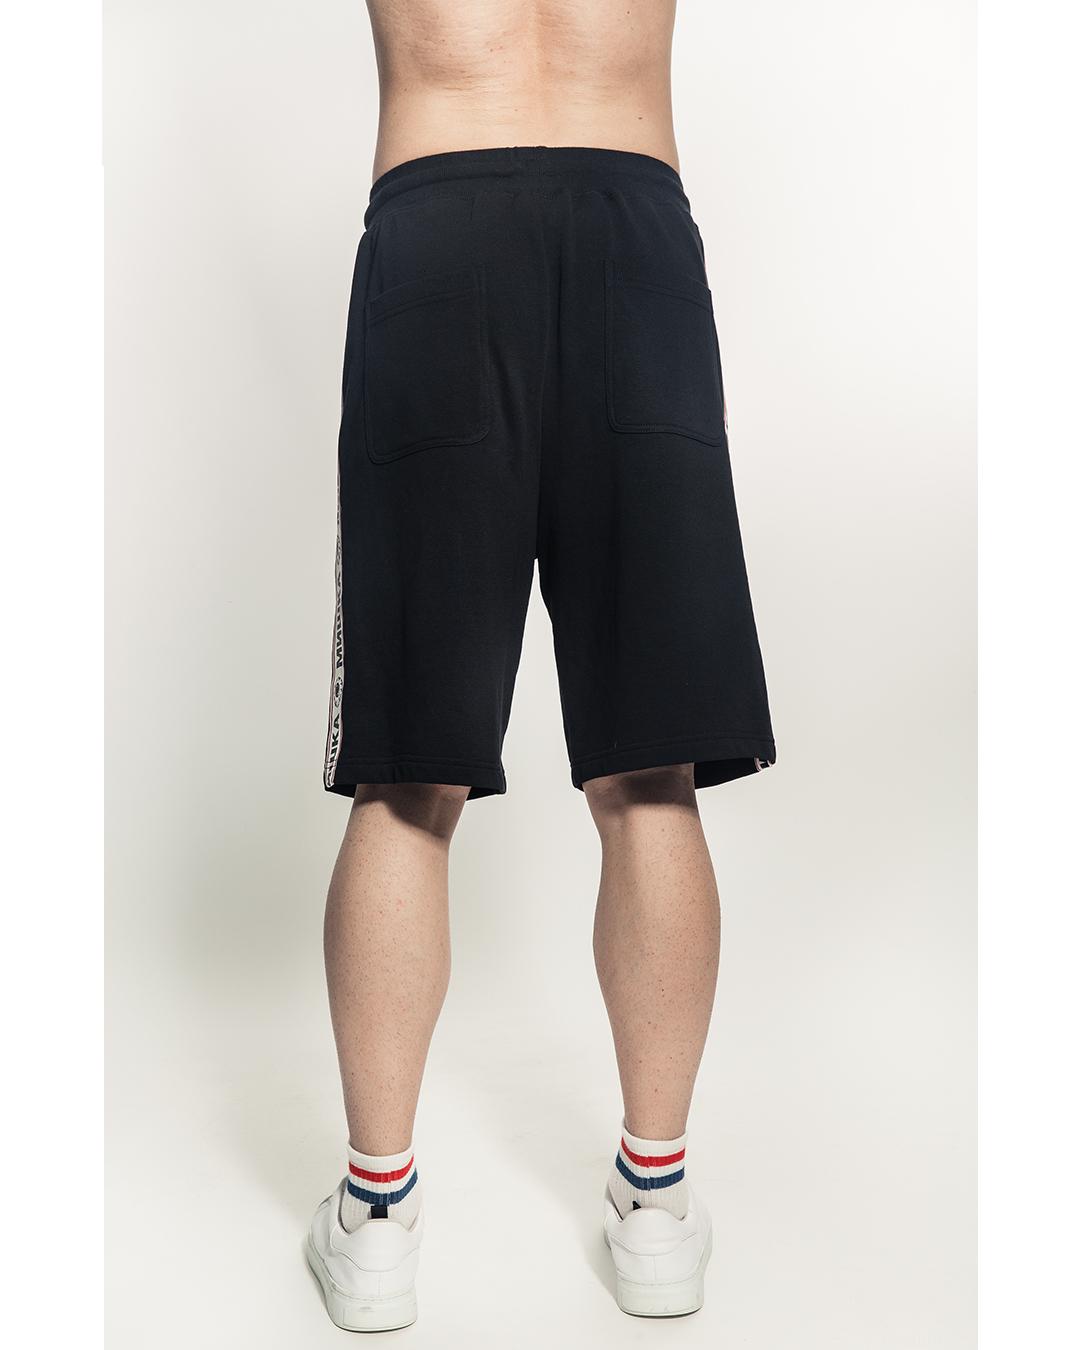 Cyrillic Shorts (Black)